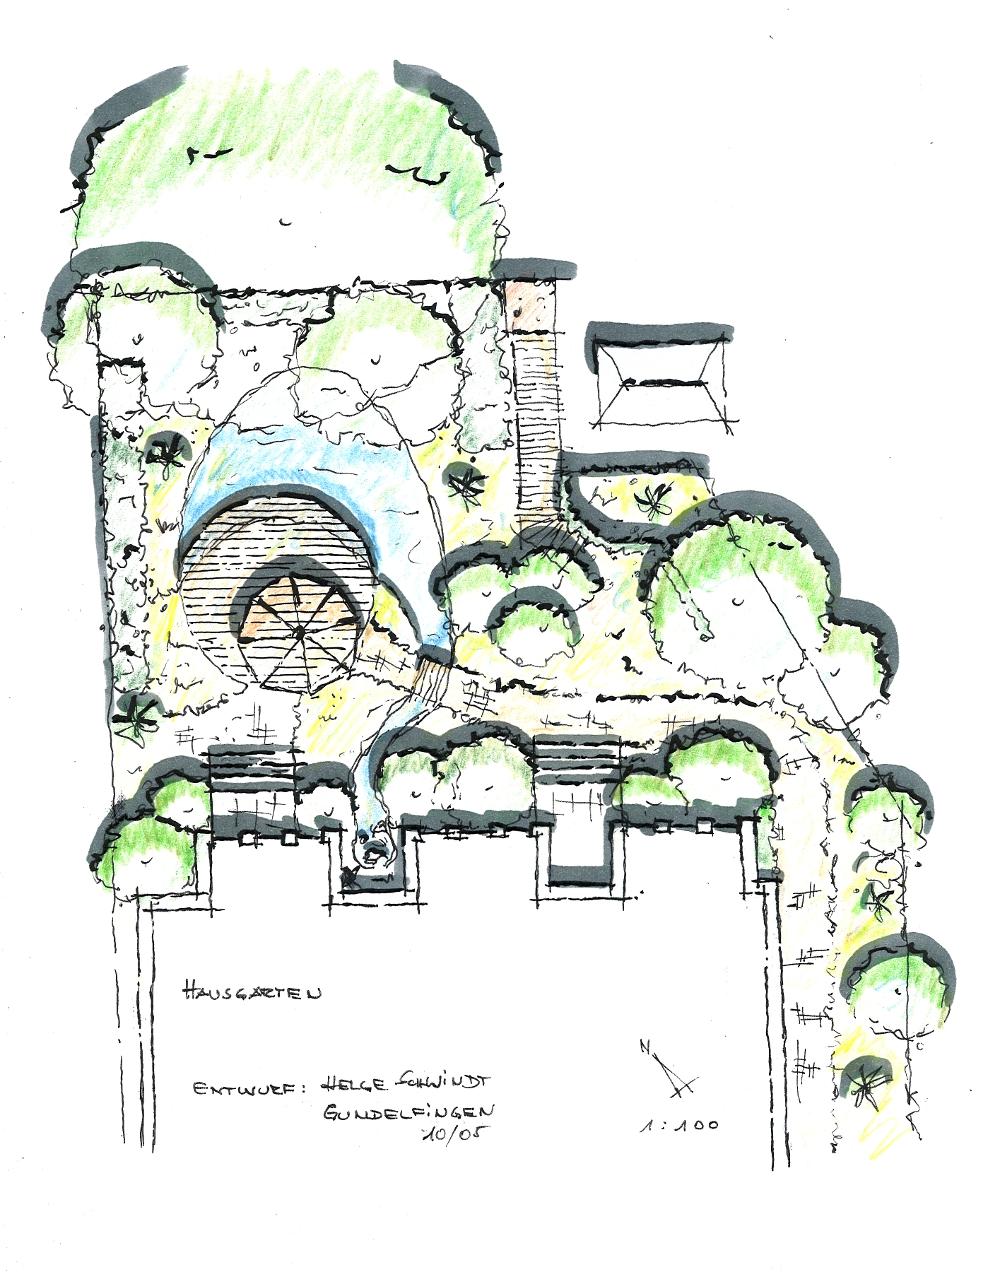 Gartenplanung: Bauerngarten Rosengarten Holzterrasse Gartenteich Wege Natursteinpflaster